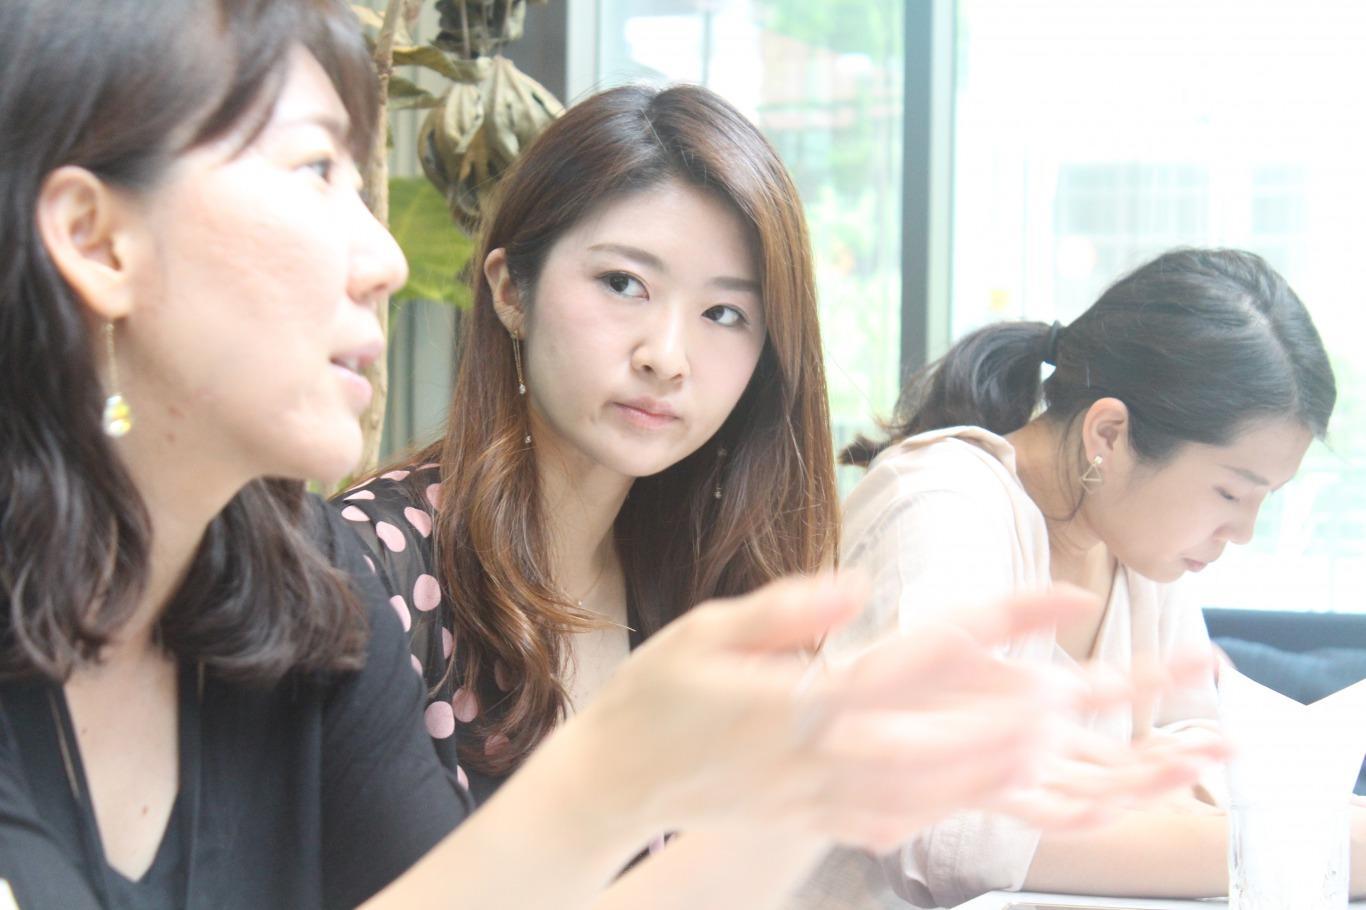 【アシスタント募集】未来をつくる仕事の現場に入ろう【学生インターン】